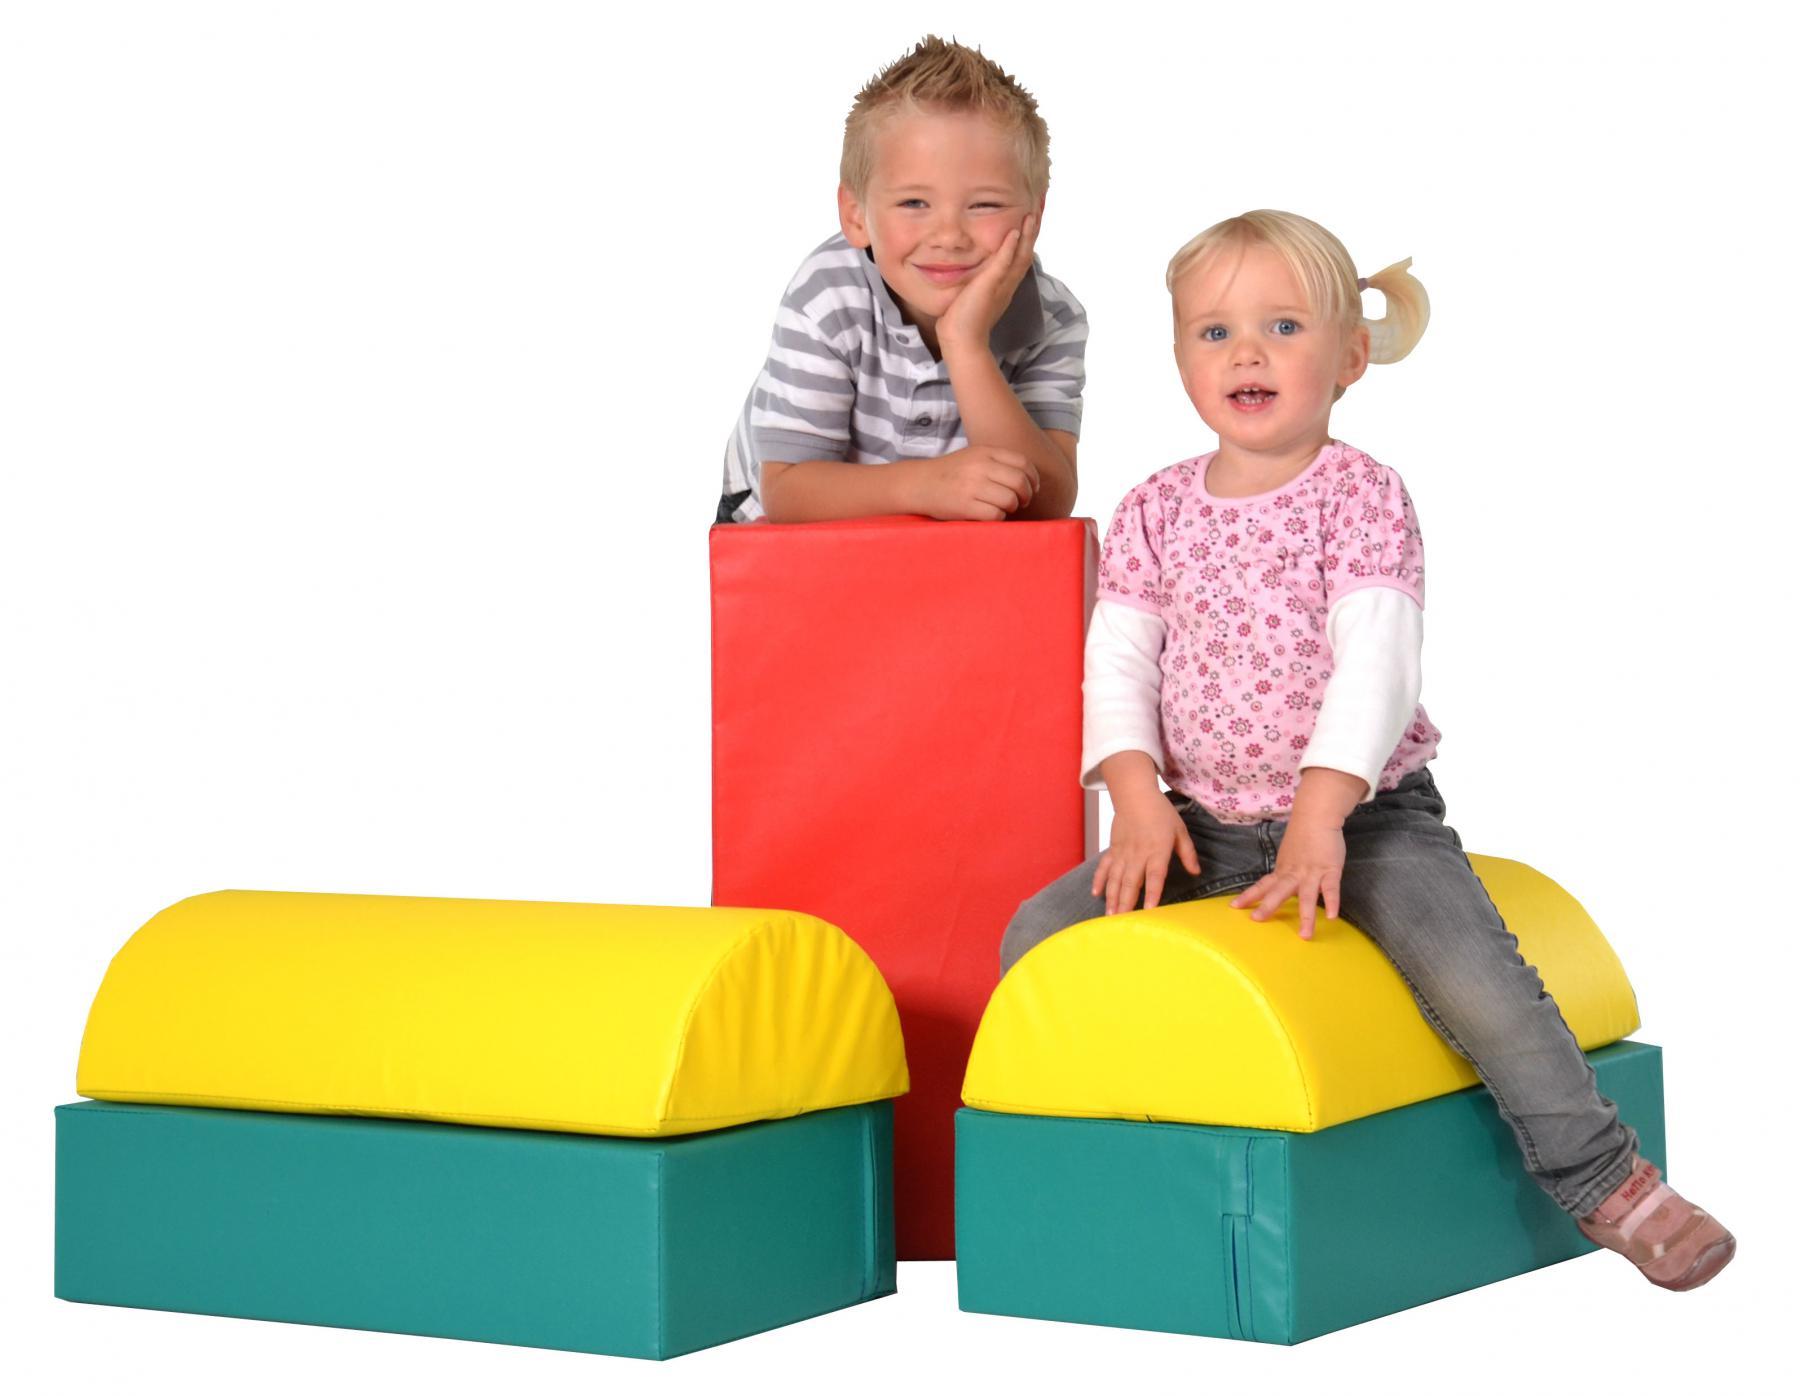 b nfer bausteinsatz 5 tlg softbausteine maxi bausteine gro bausteine schaumstoff kaufen bei. Black Bedroom Furniture Sets. Home Design Ideas